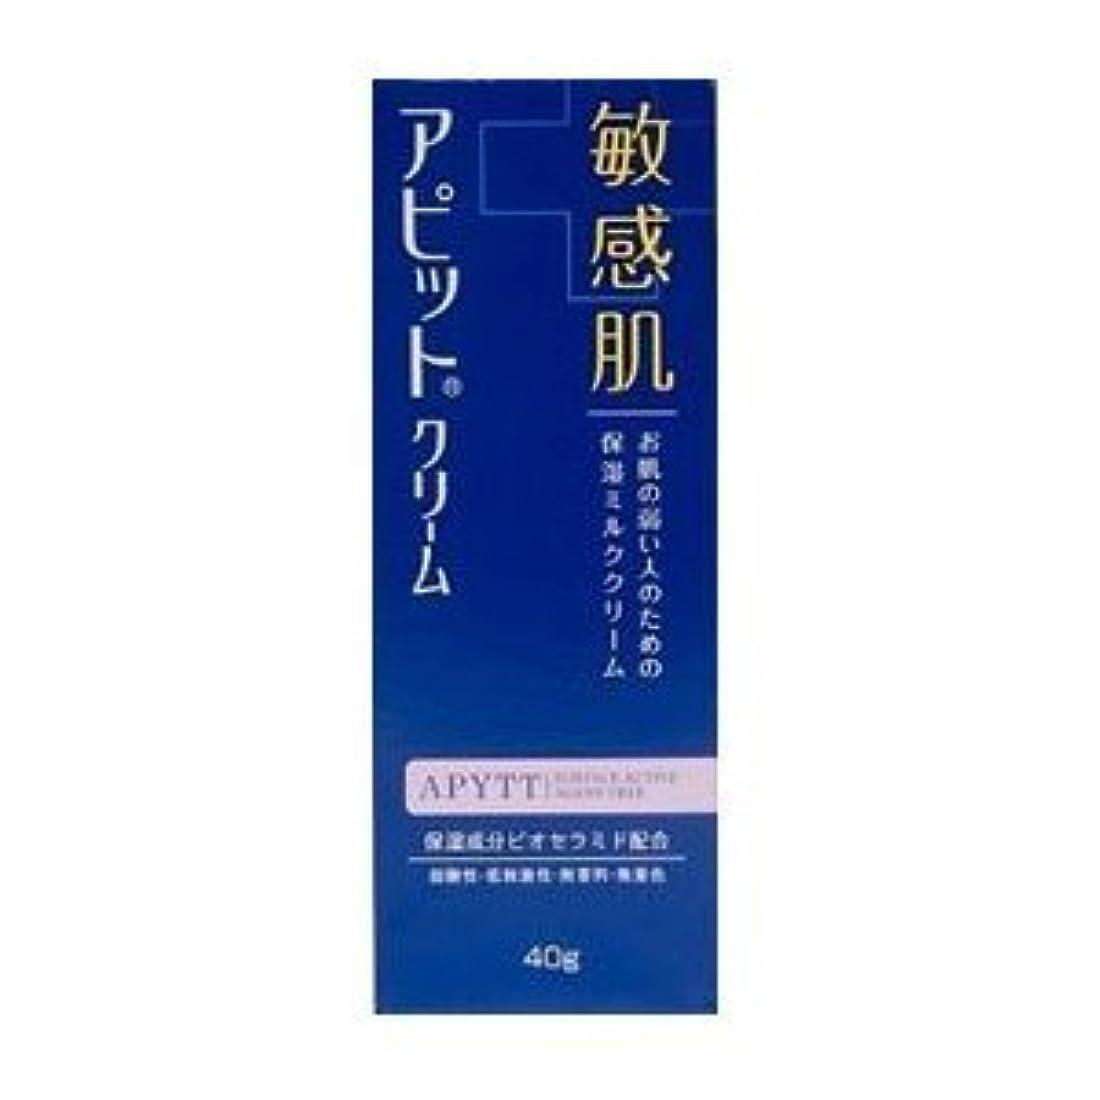 粘り強い先に歯全薬工業 アピットクリーム 40g×3個セット (医薬部外品)